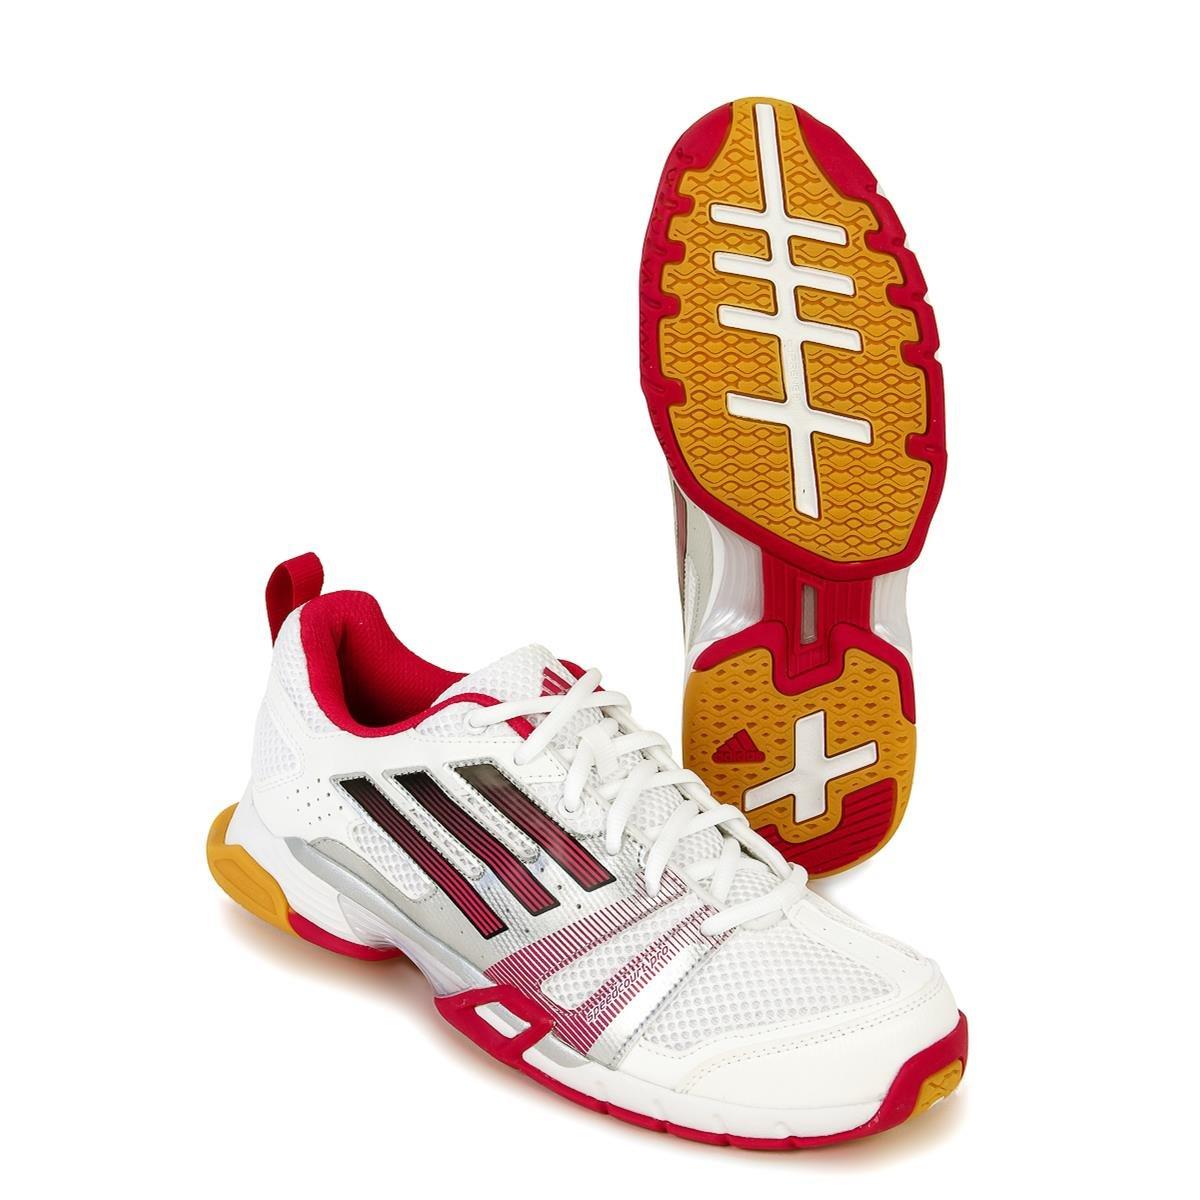 Adidas Speedcourt Ind-Schuh Speedcourt Adidas Pro 2 W 8df68a